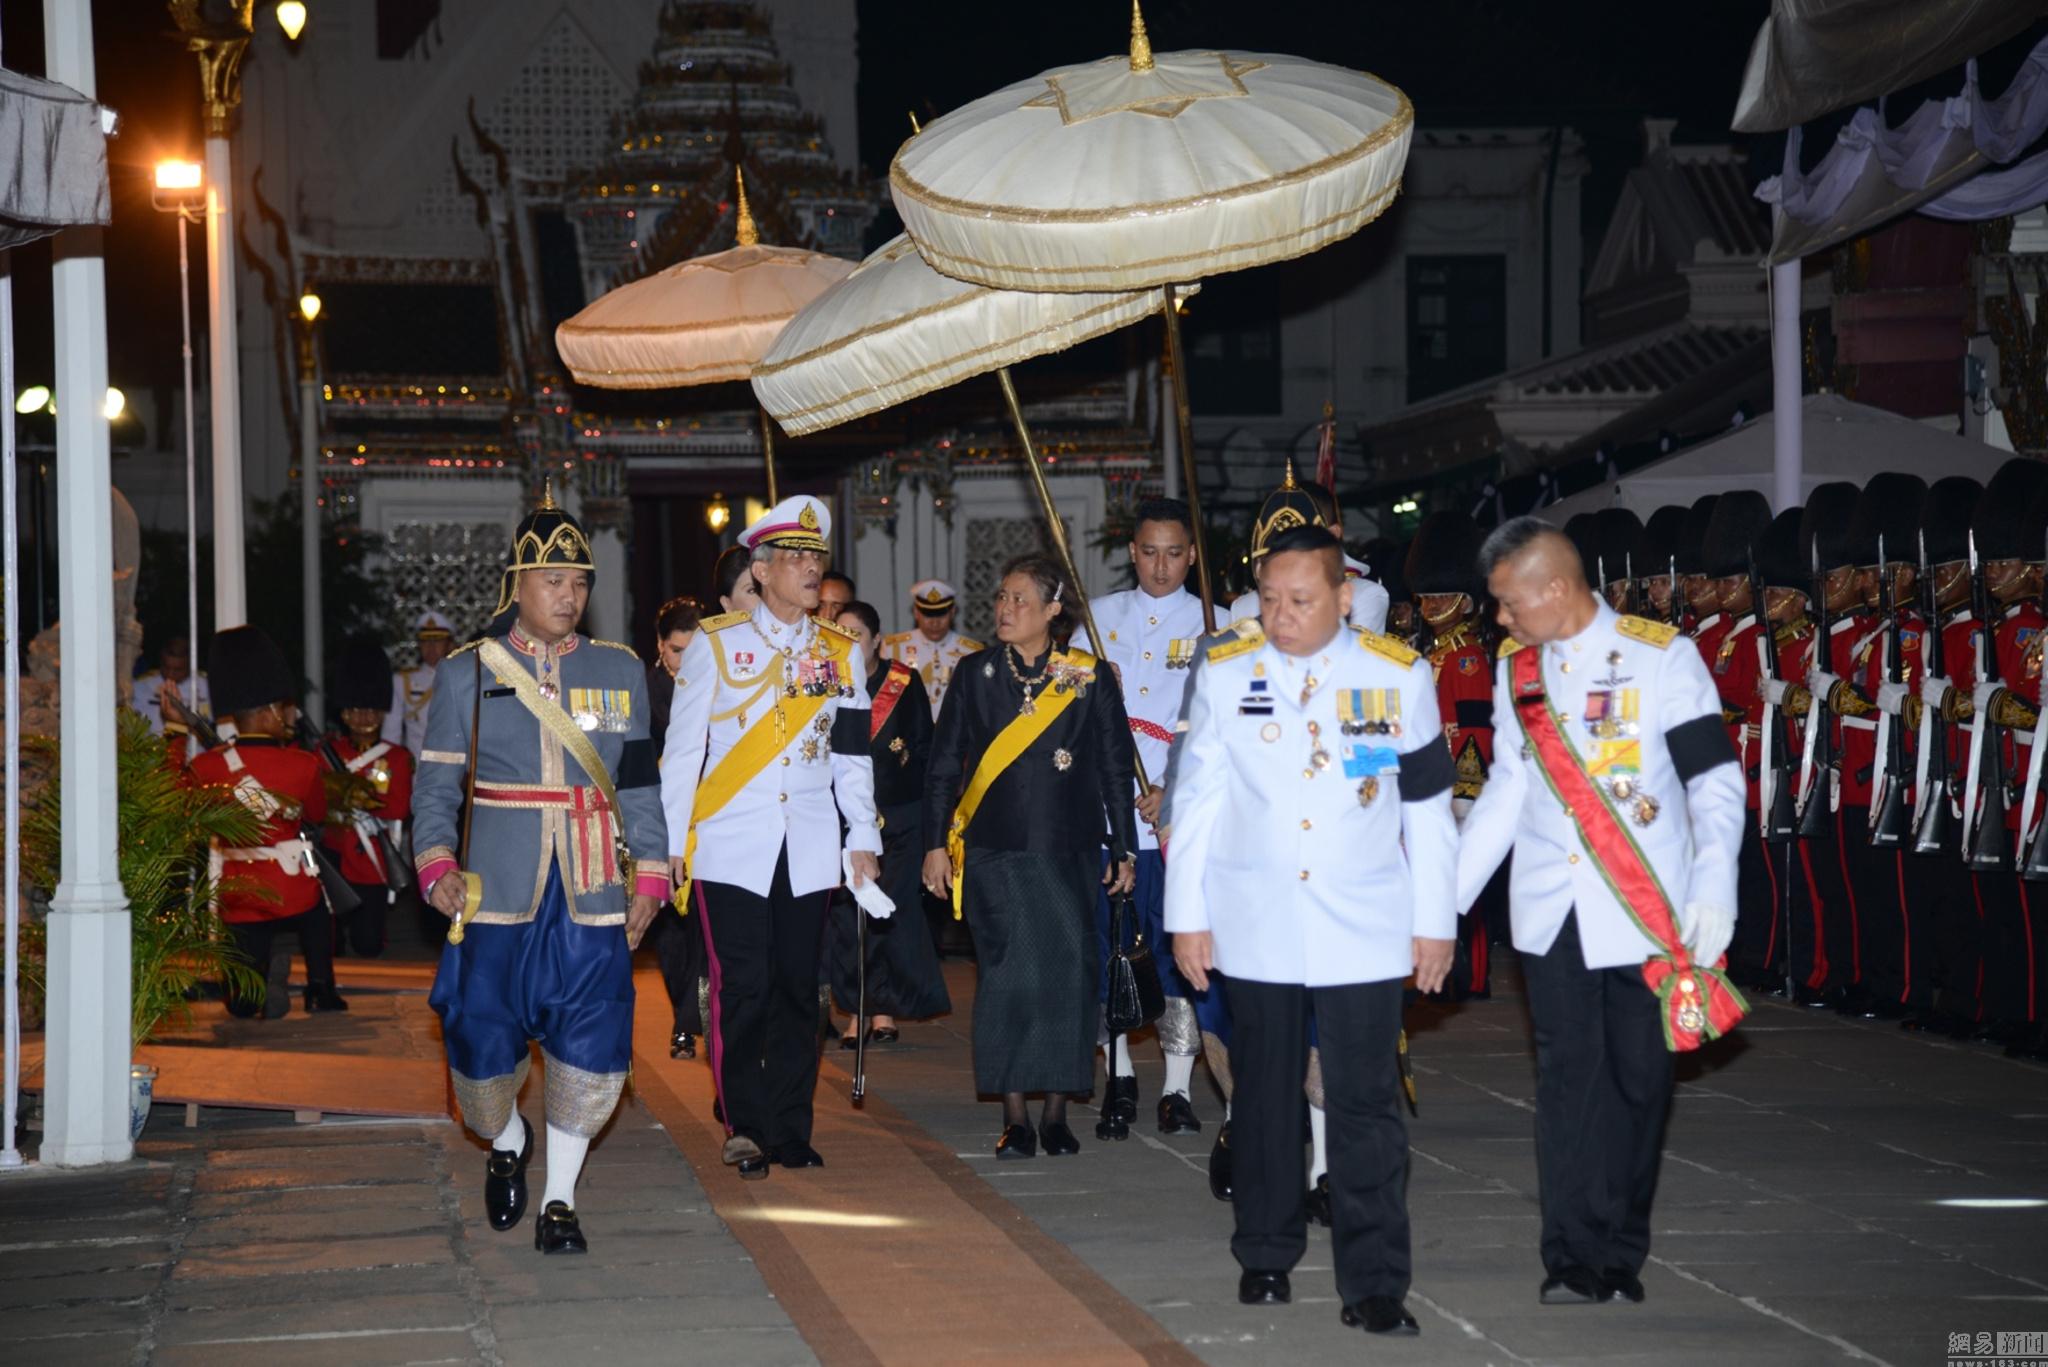 王妃王储公主纷纷现身吊唁 泰国失去色彩